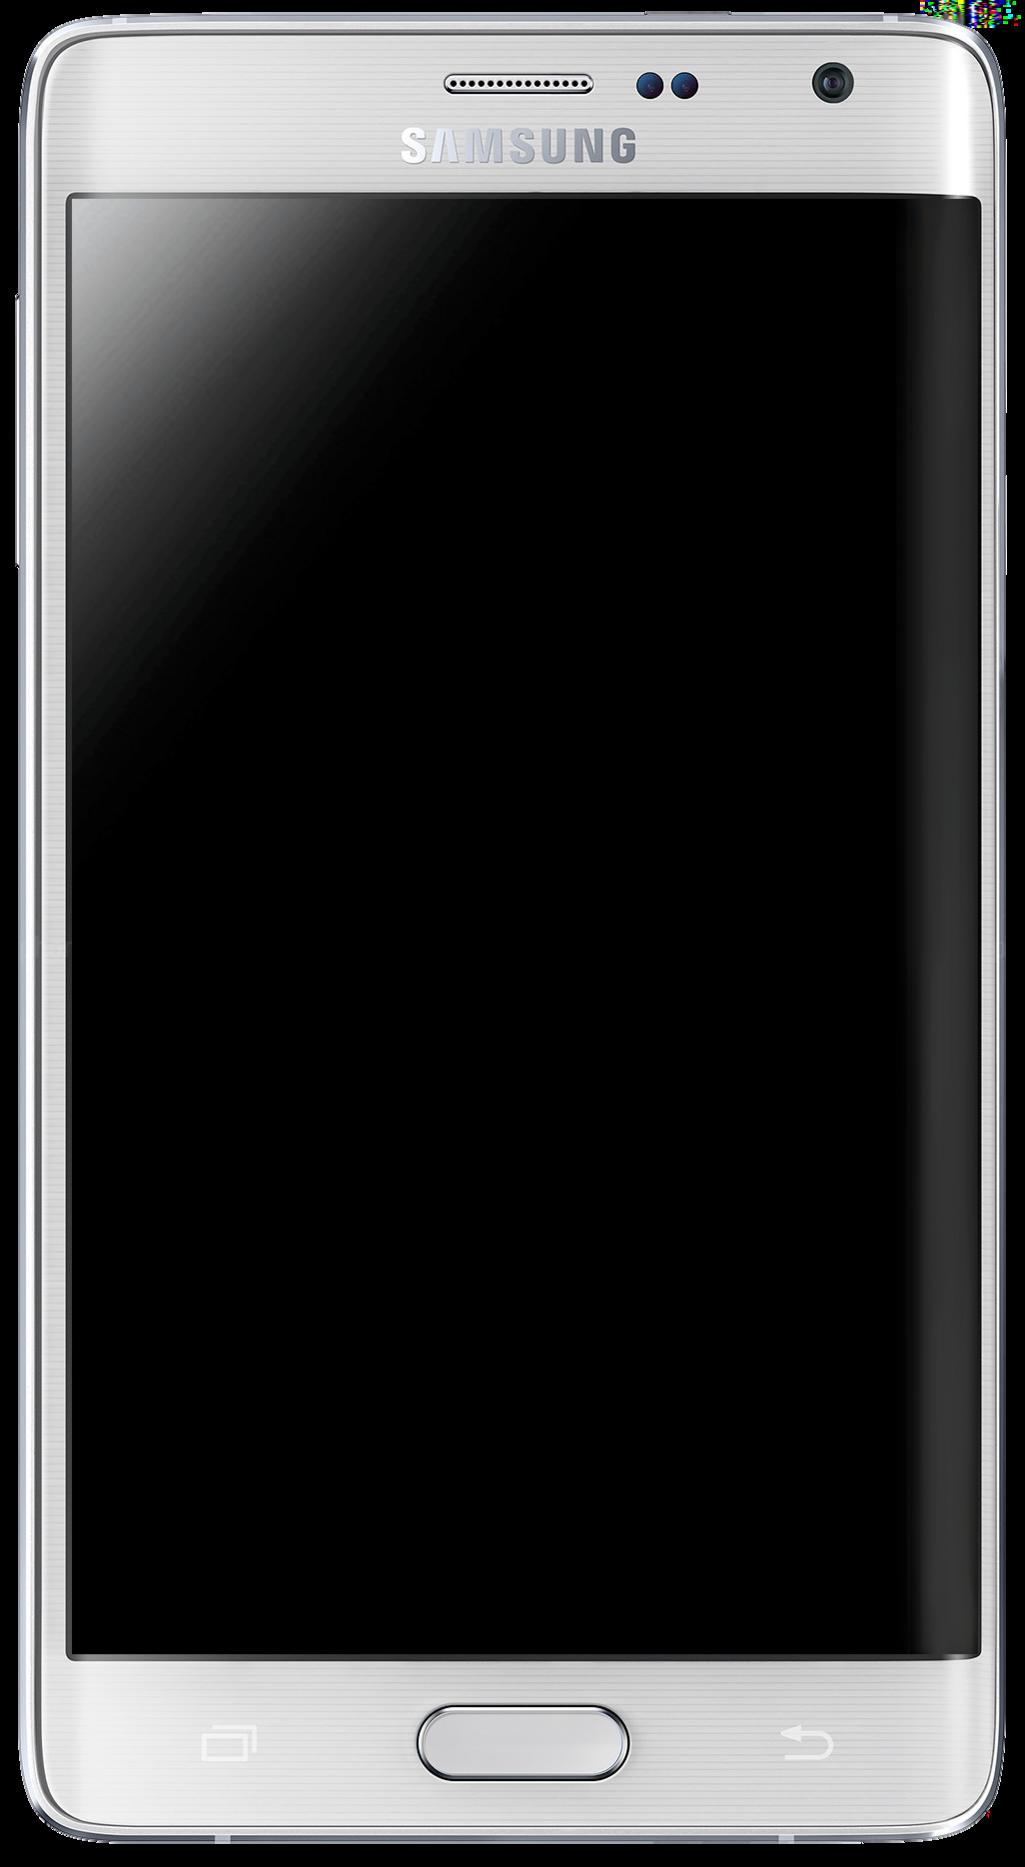 324004a0c4 SC-01G - 無料配送での完全な情報とオンライン販売. 最高のオンラインストアで最も安い価格で今すぐ注文して購入してください! 割引 & クーポン.